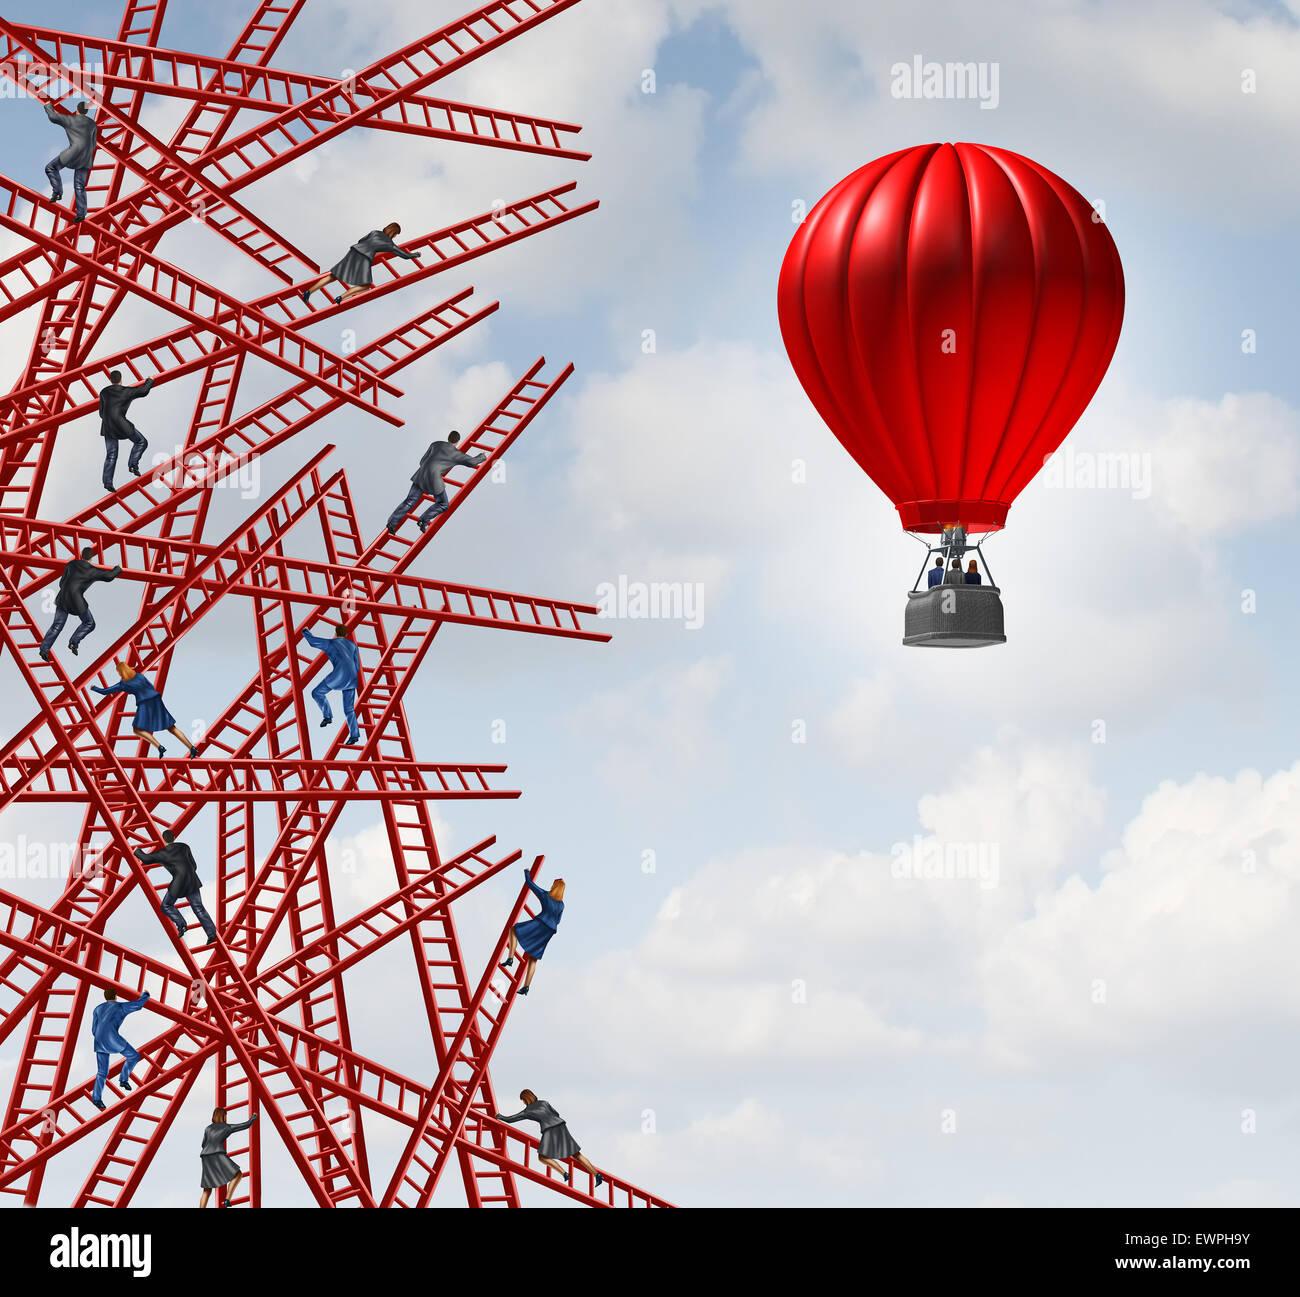 Neue Strategie und unabhängiger Denker Symbol und innovatives Denken Führung Neukonzeption oder Individualität Stockbild